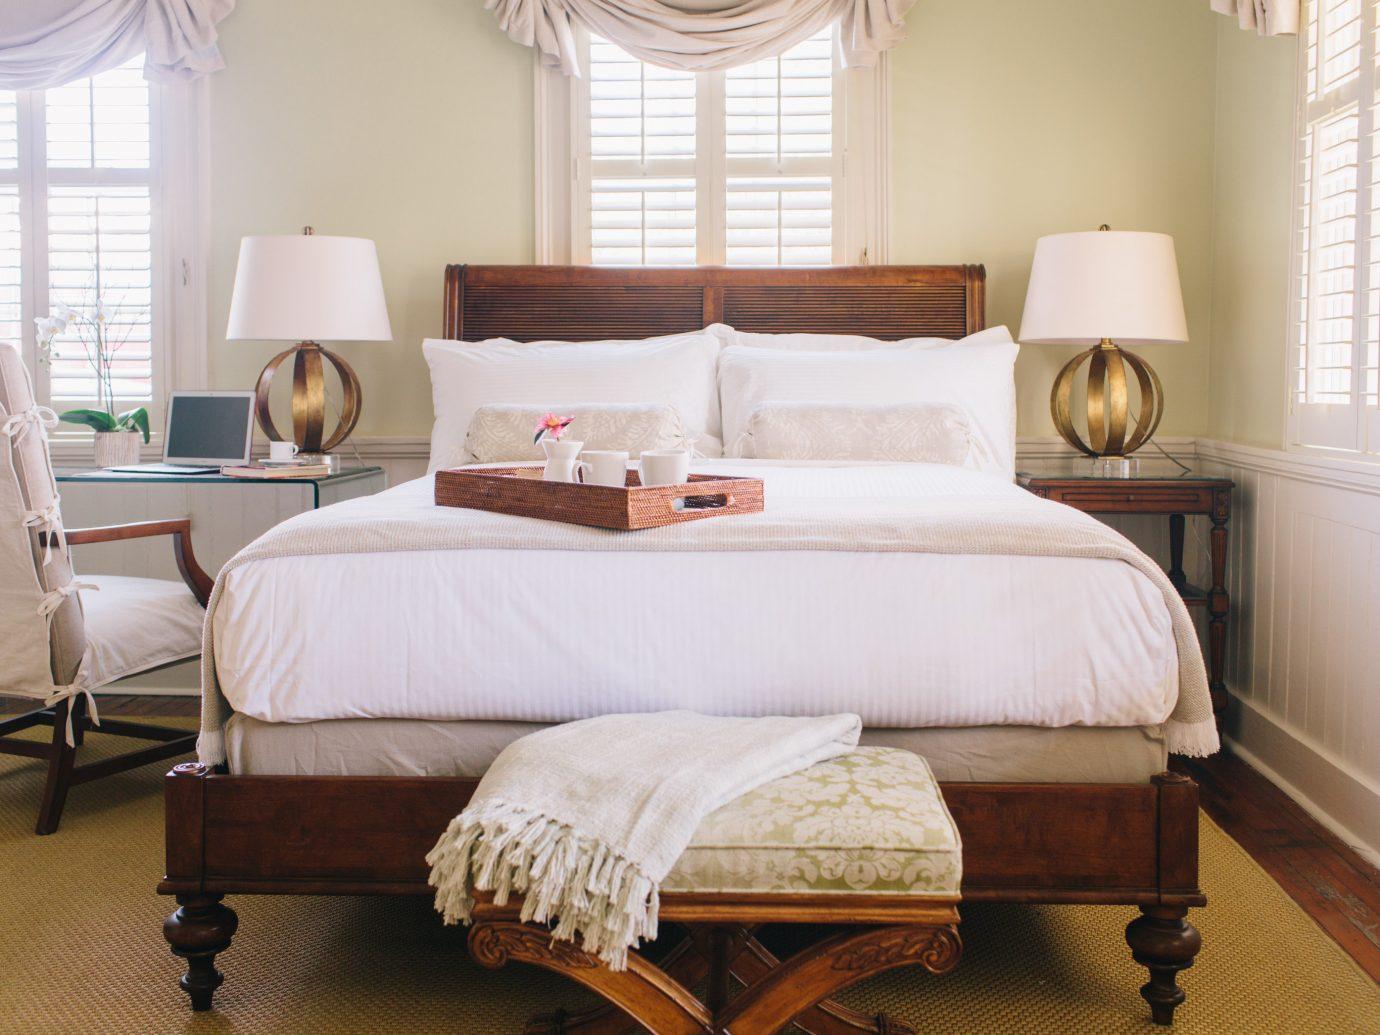 Hotels indoor floor bed room window Bedroom property hotel hardwood home cottage furniture interior design bed frame living room Suite real estate bed sheet estate